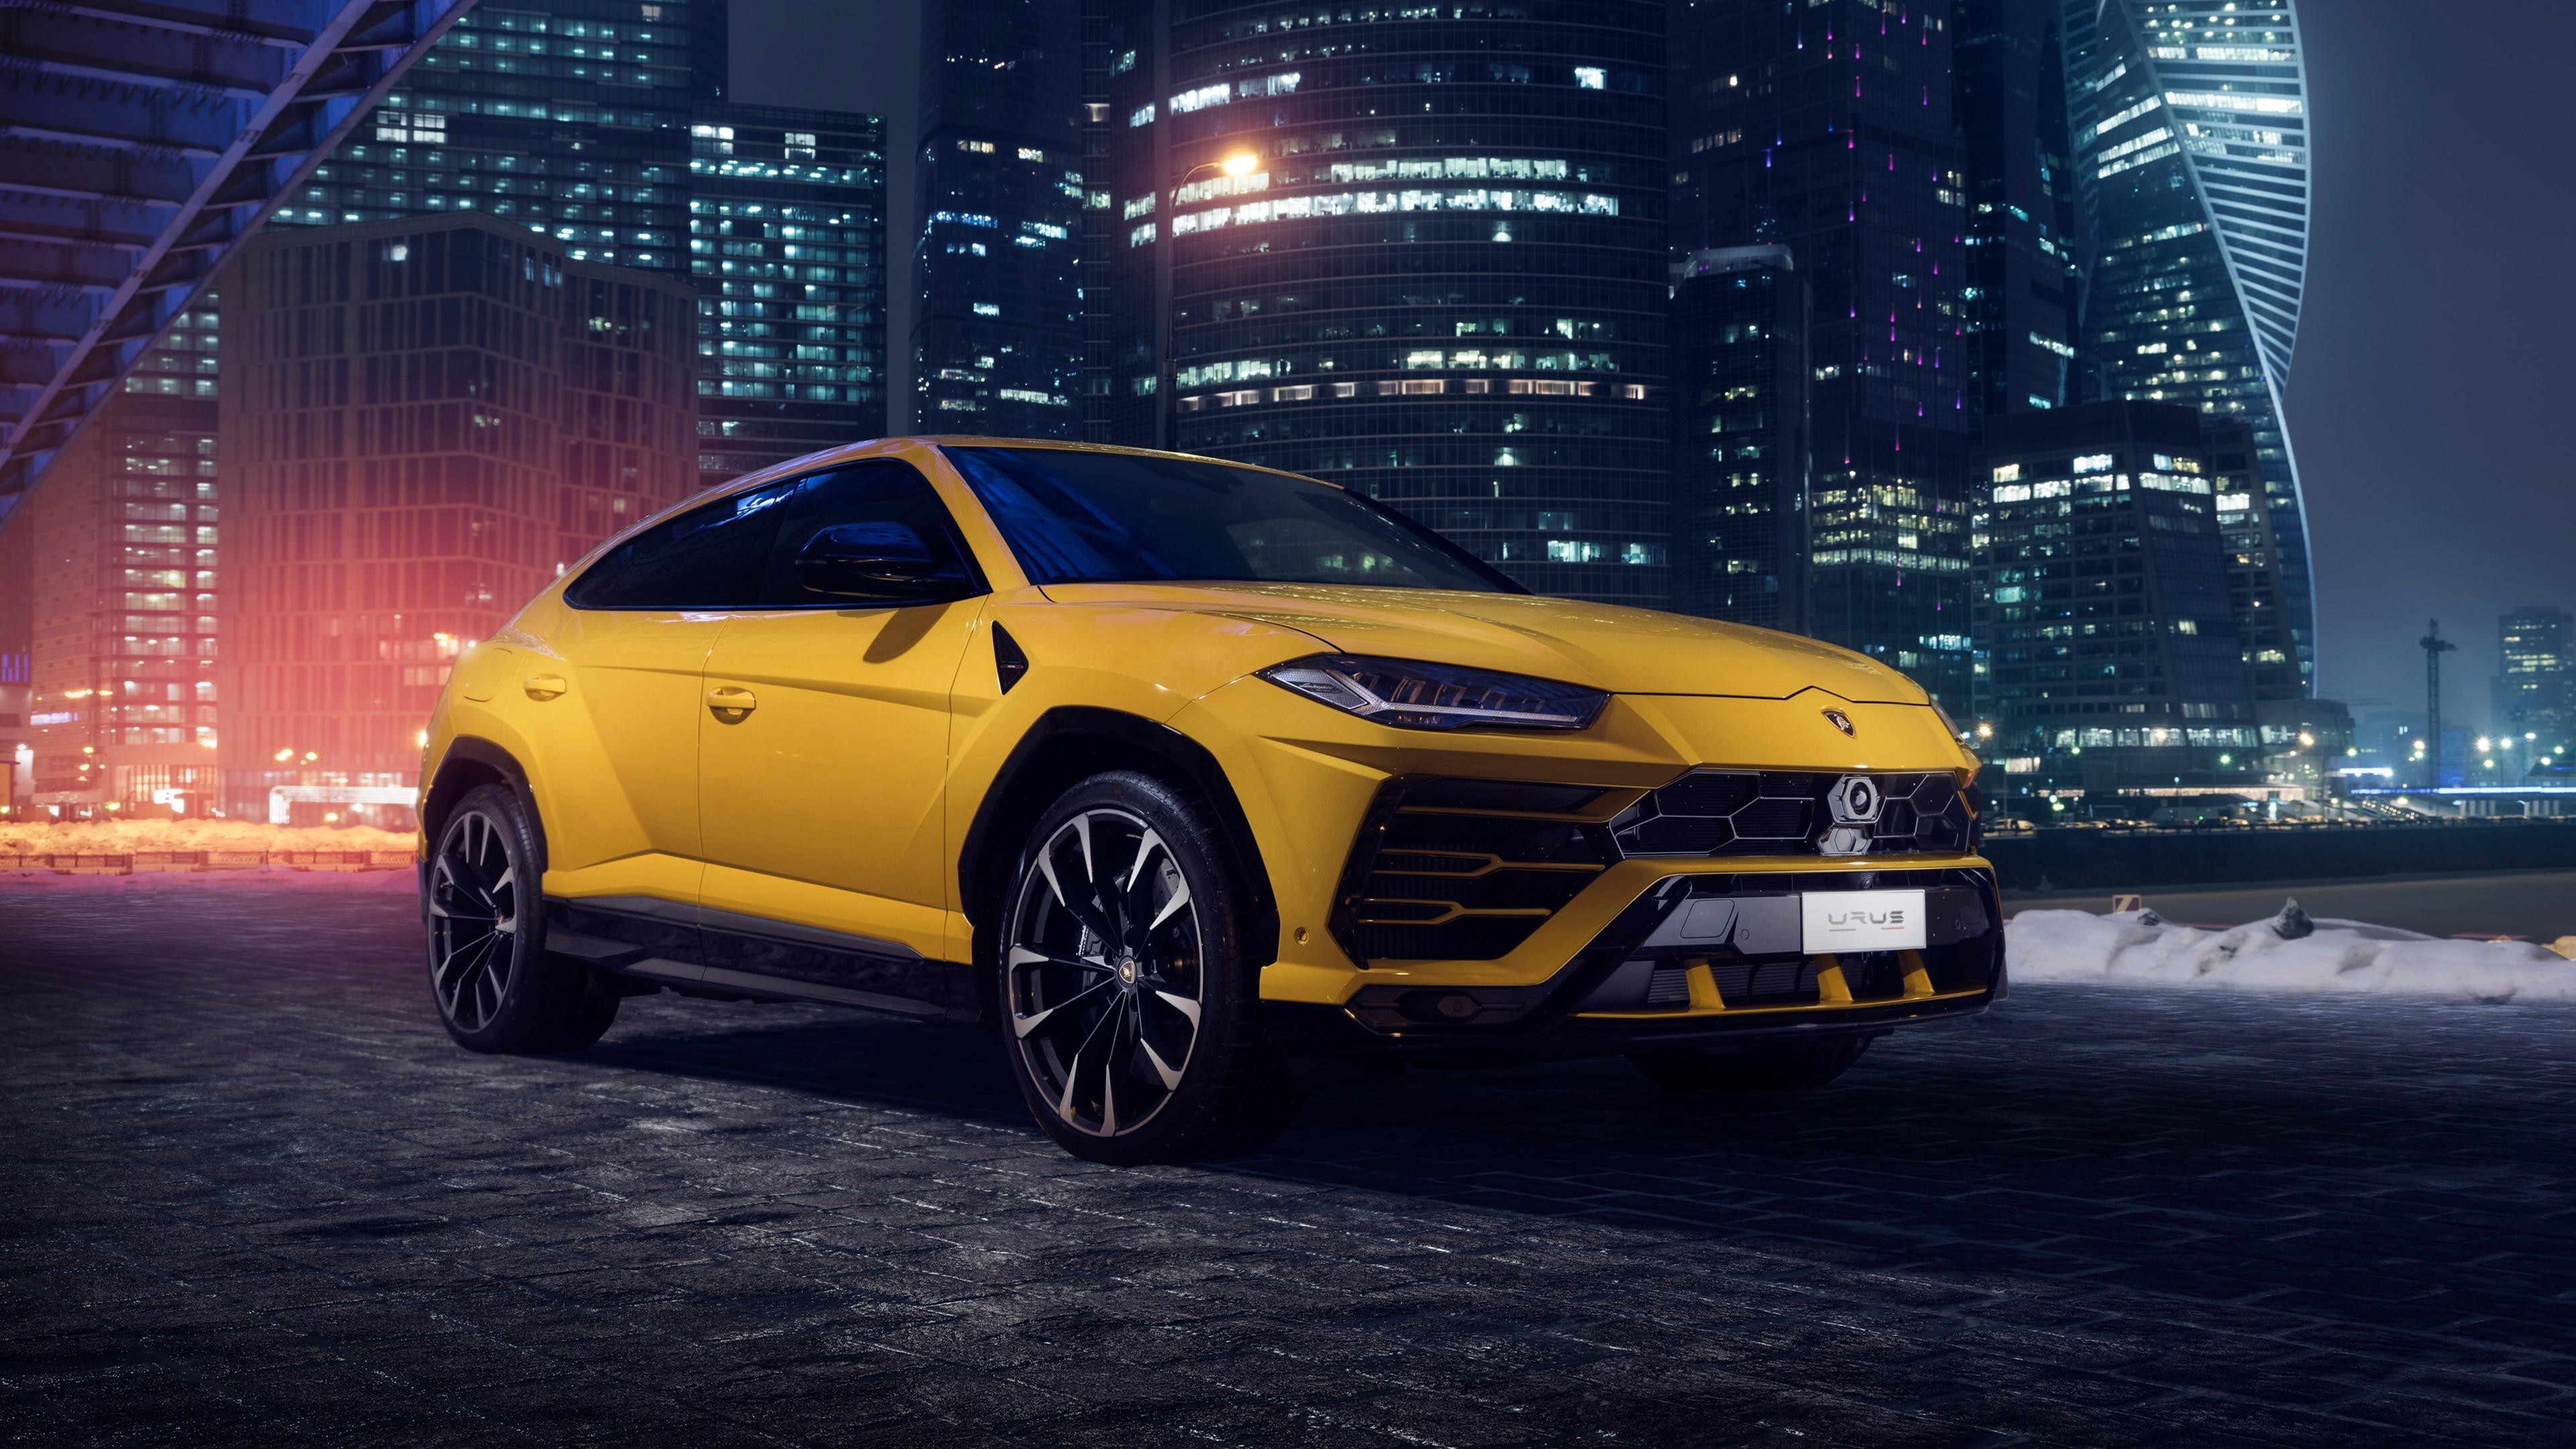 Wallpaper Lamborghini Urus, 2018 Cars, 4k, Cars  Bikes 18039